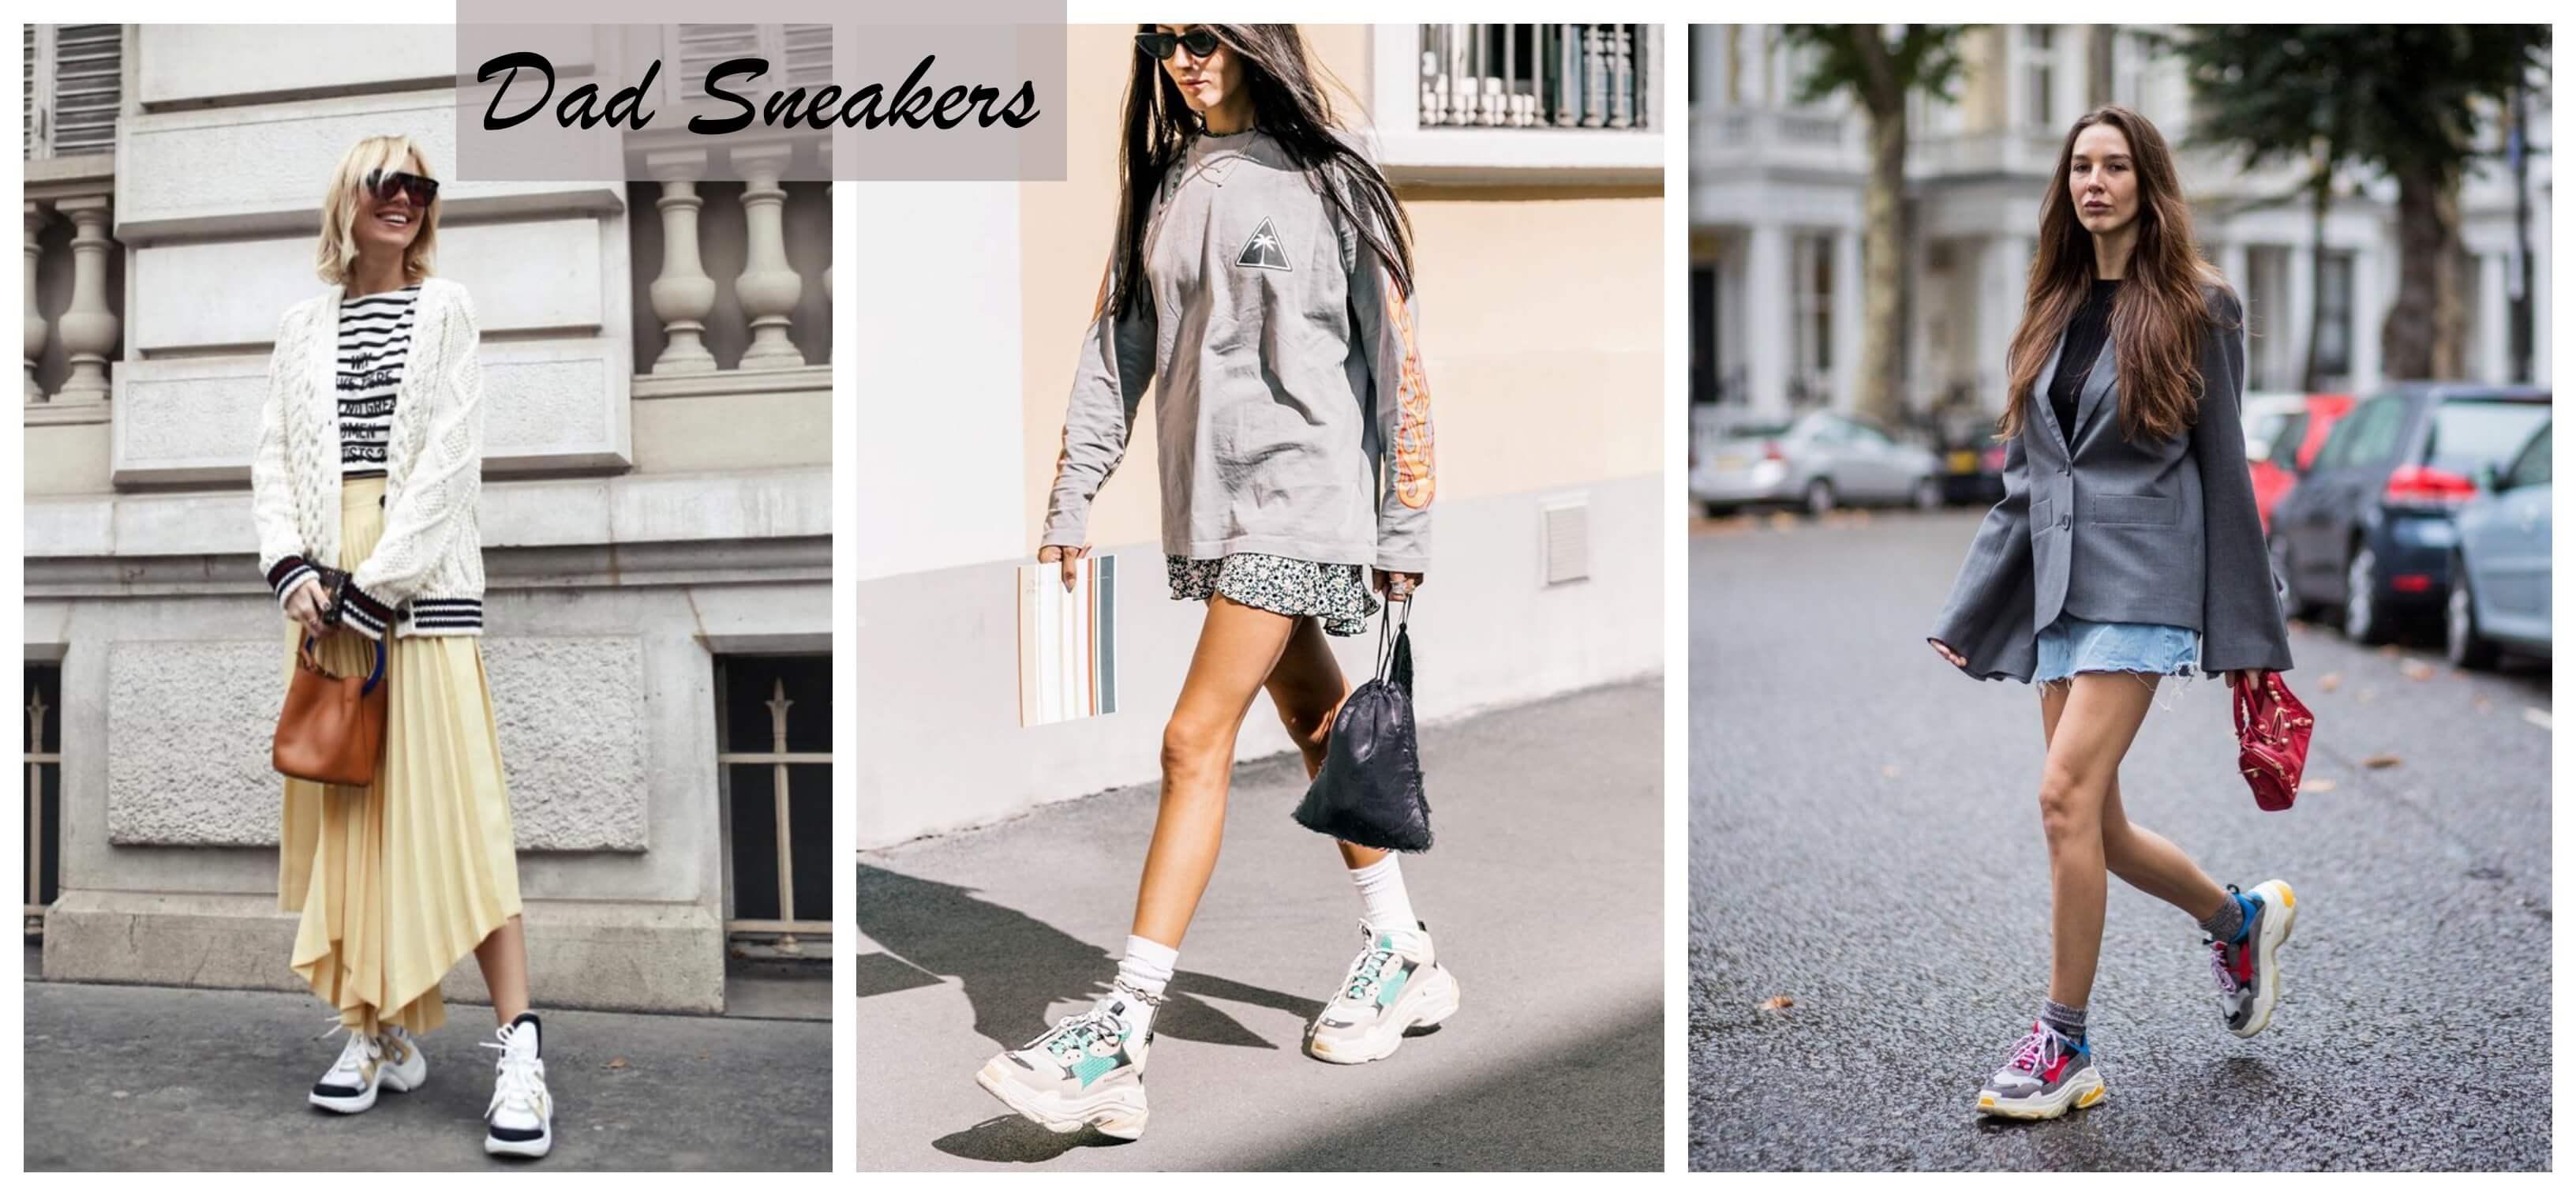 fd2be8b4ea Tendência de sapatos para o verão 2019 - Suellen Sartorato